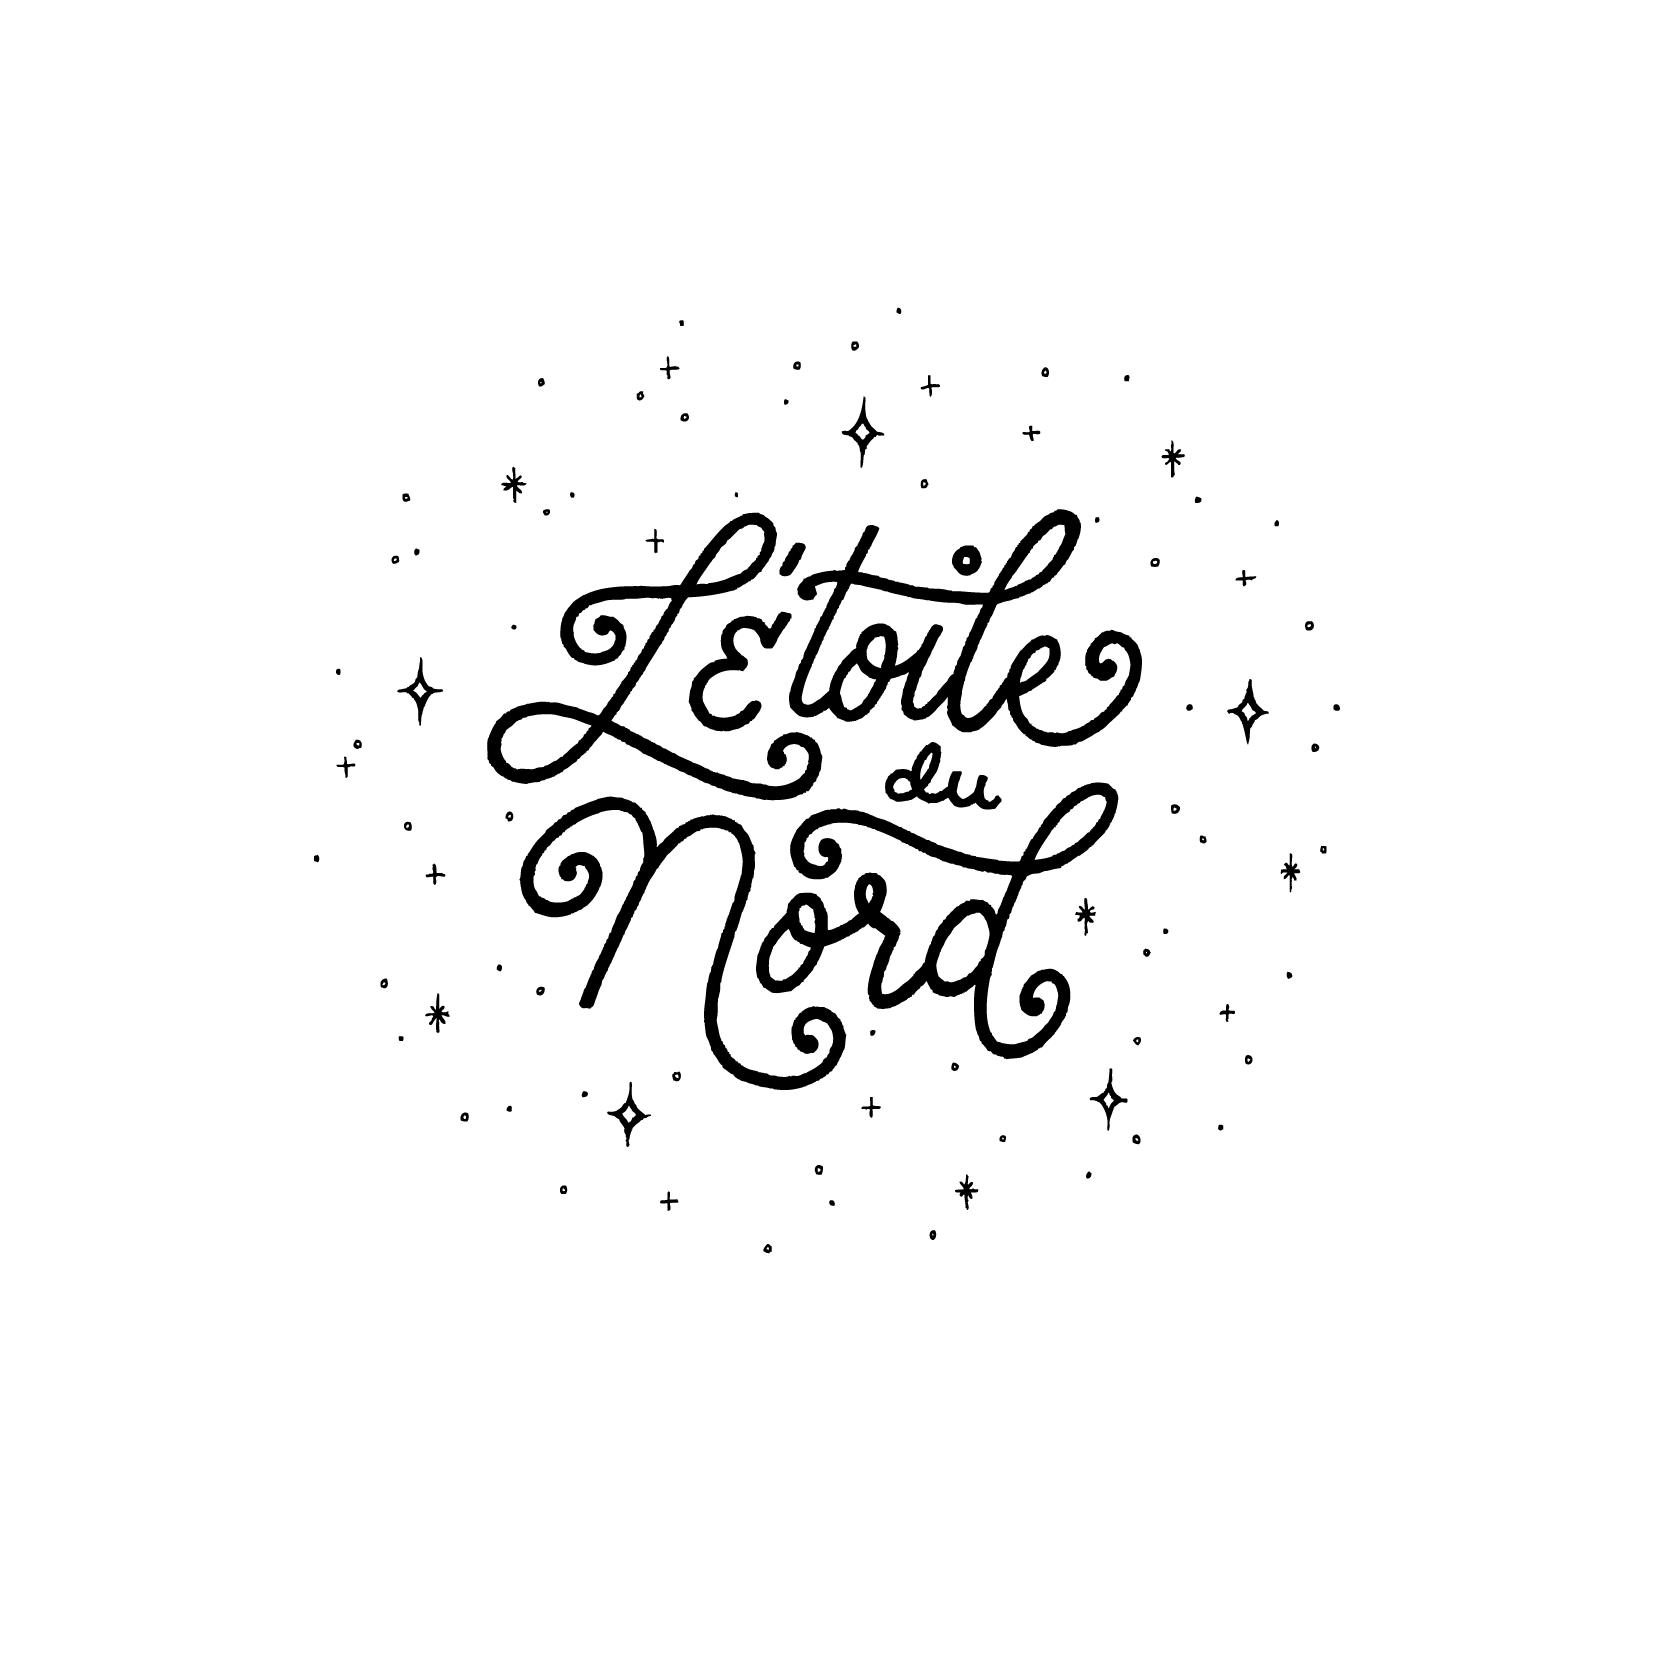 Letoile Du Nord Leah Meilander Lettering Illustration